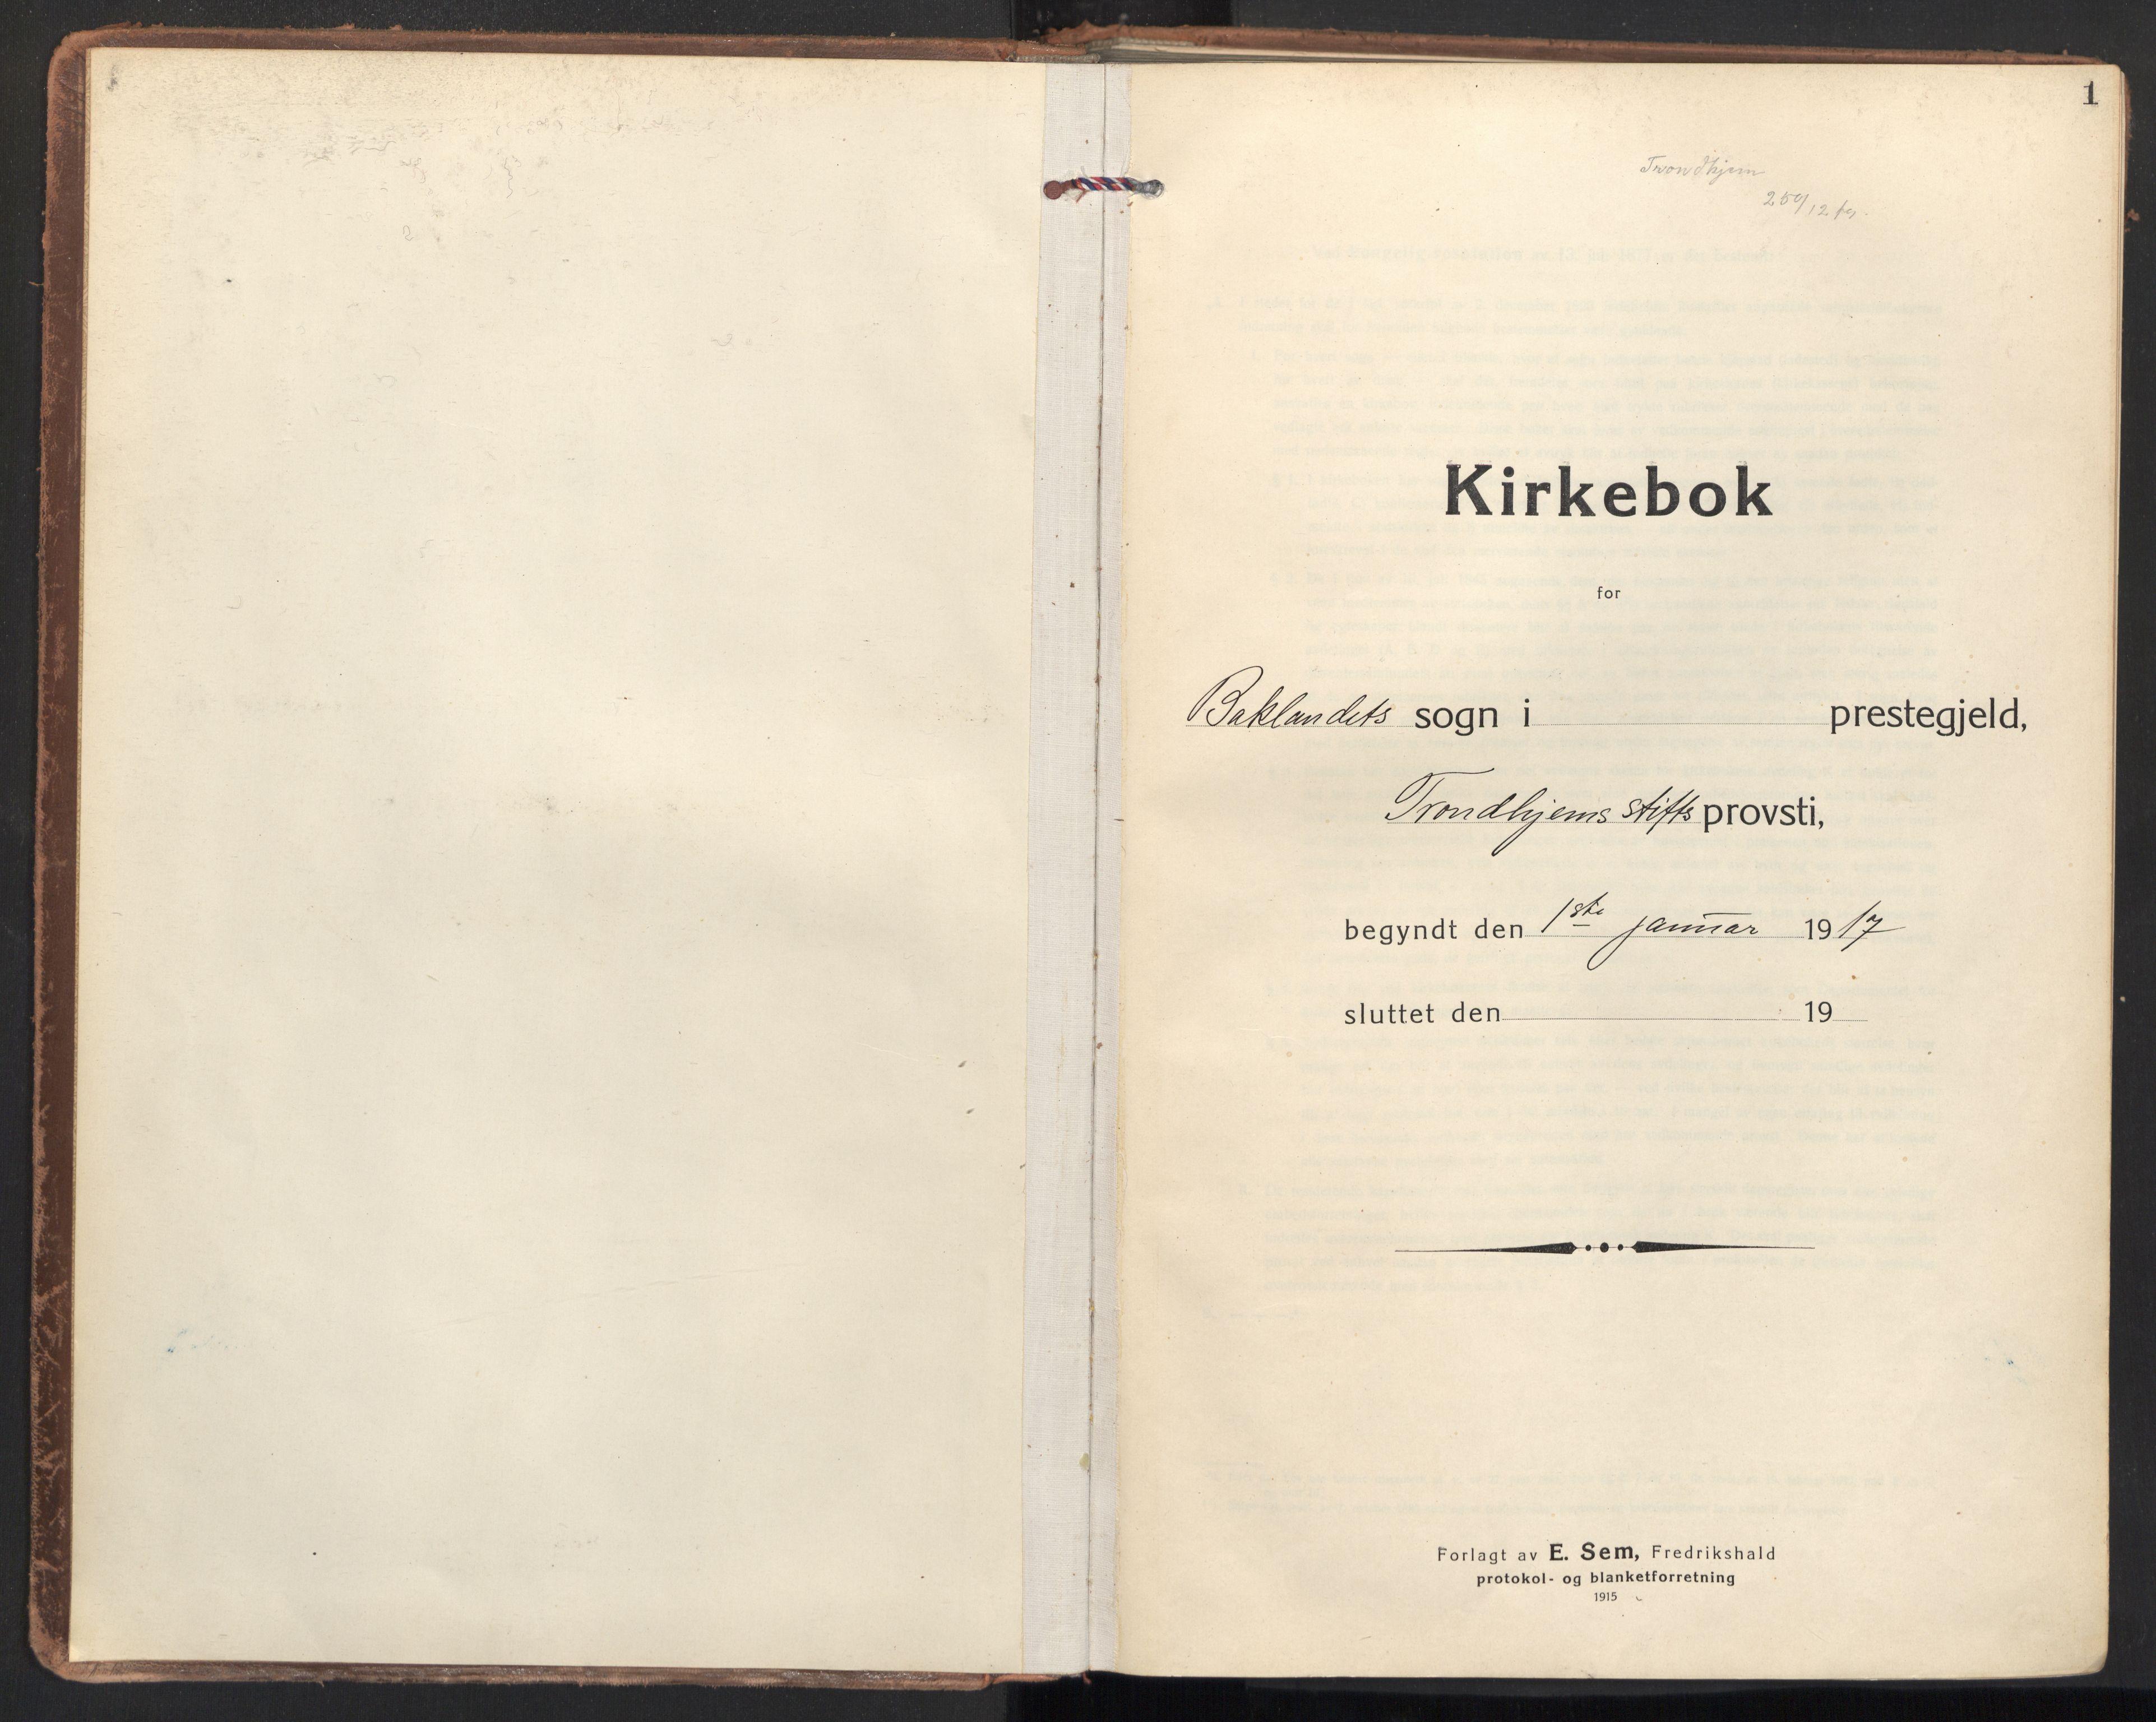 SAT, Ministerialprotokoller, klokkerbøker og fødselsregistre - Sør-Trøndelag, 604/L0206: Ministerialbok nr. 604A26, 1917-1931, s. 1